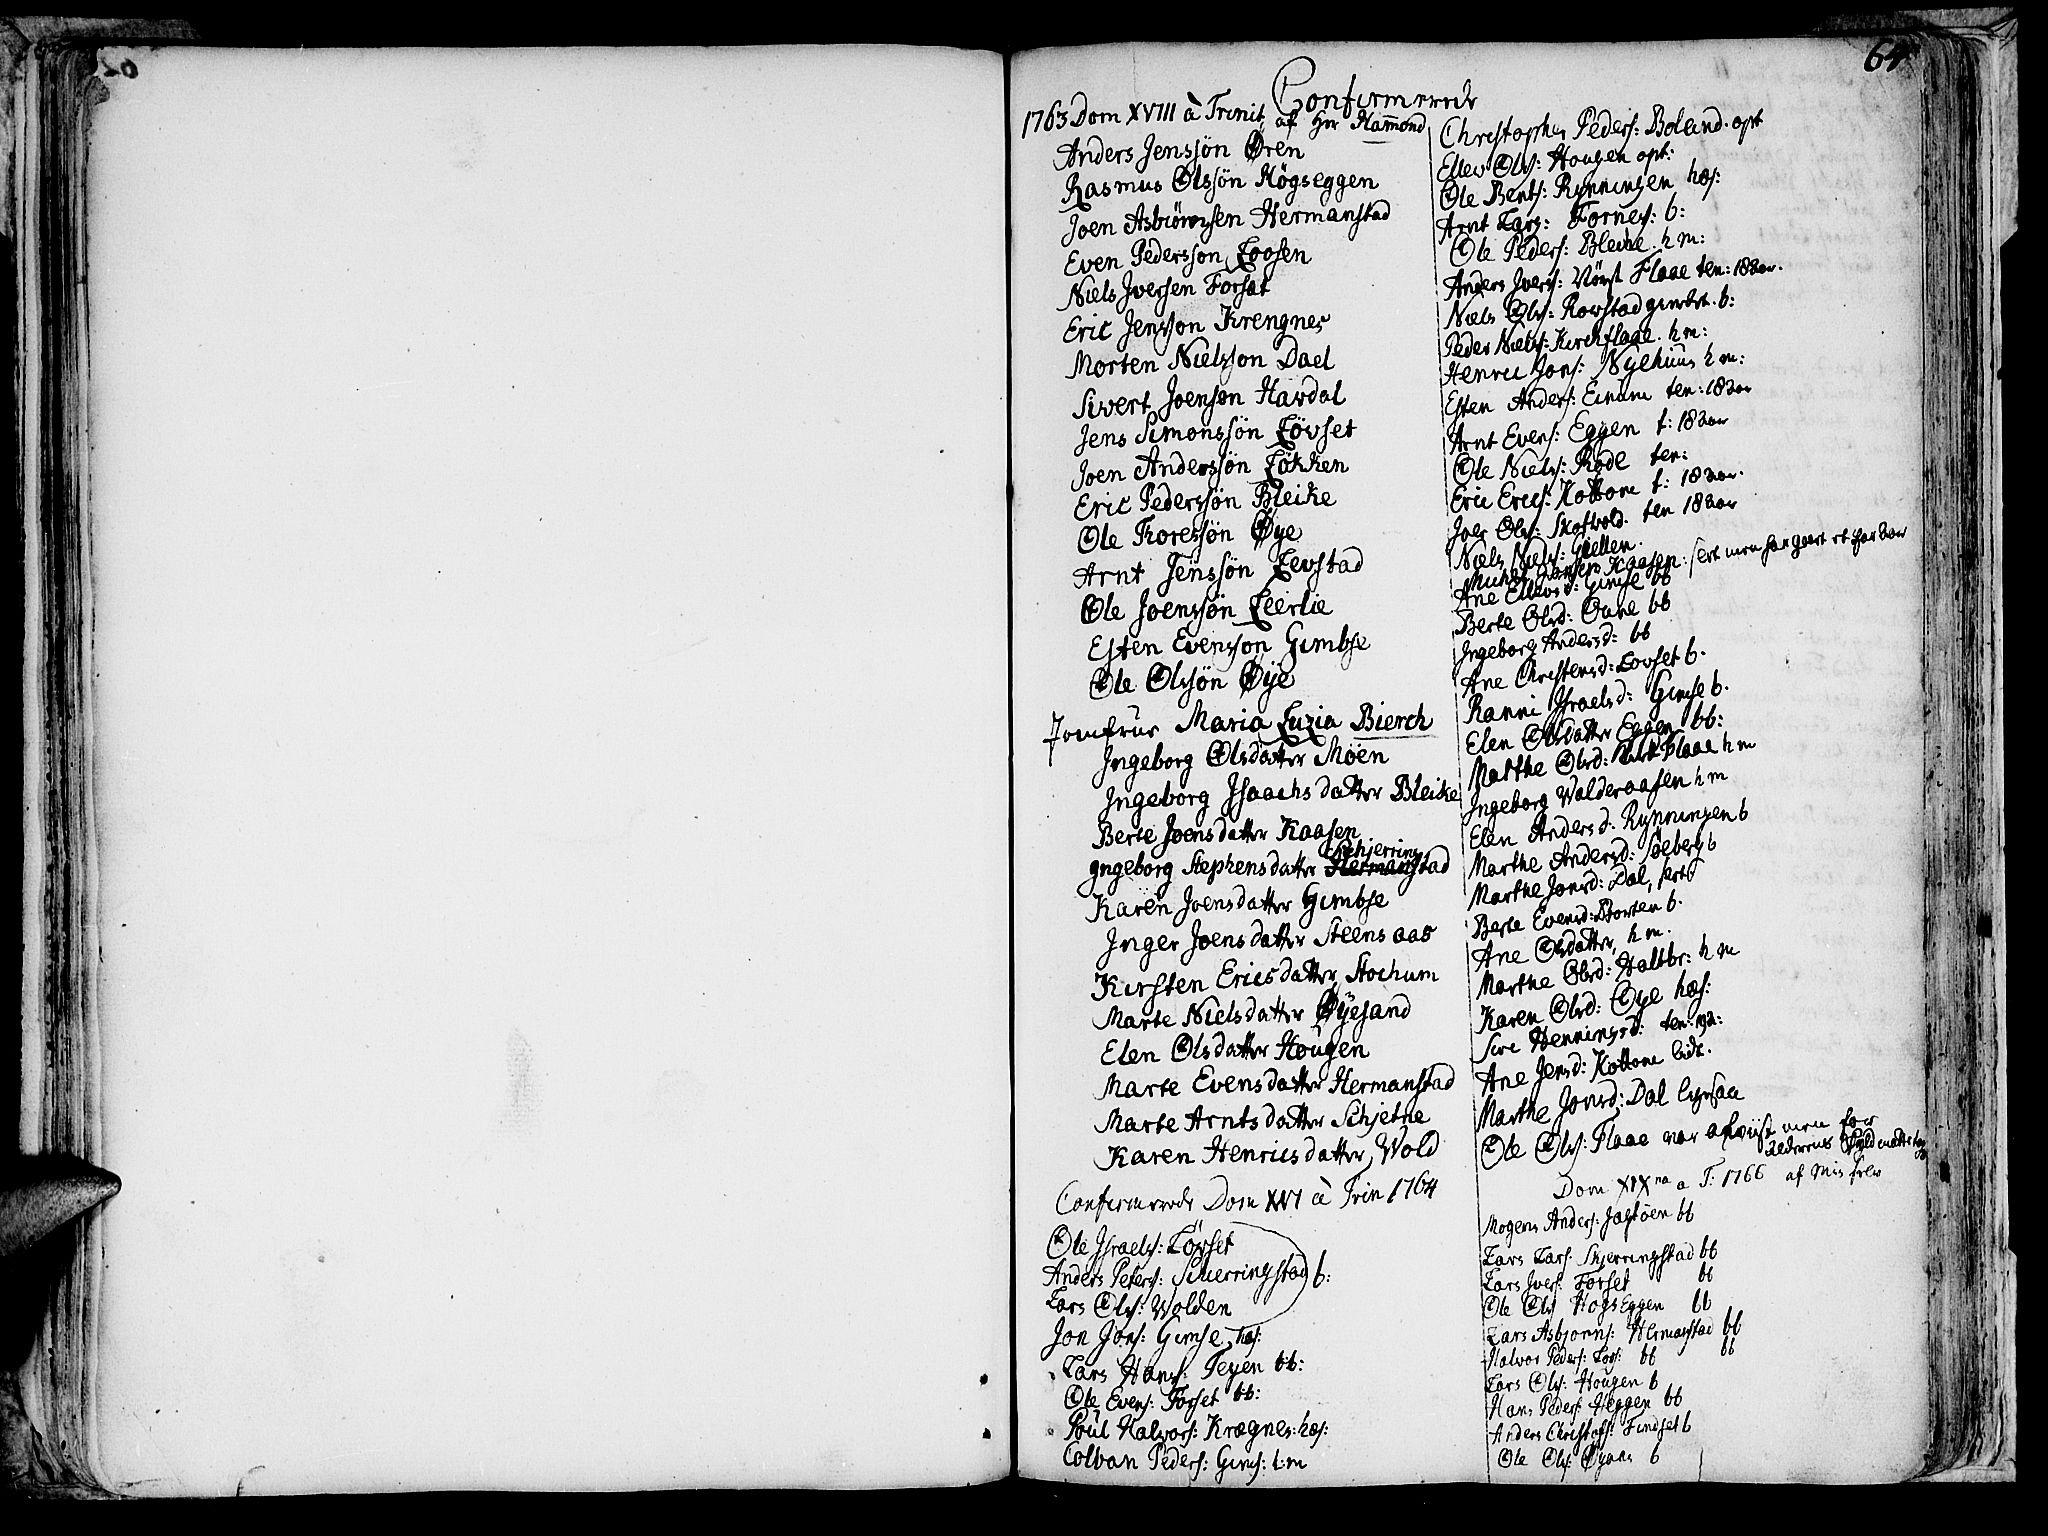 SAT, Ministerialprotokoller, klokkerbøker og fødselsregistre - Sør-Trøndelag, 691/L1057: Ministerialbok nr. 691A01 /1, 1740-1767, s. 64